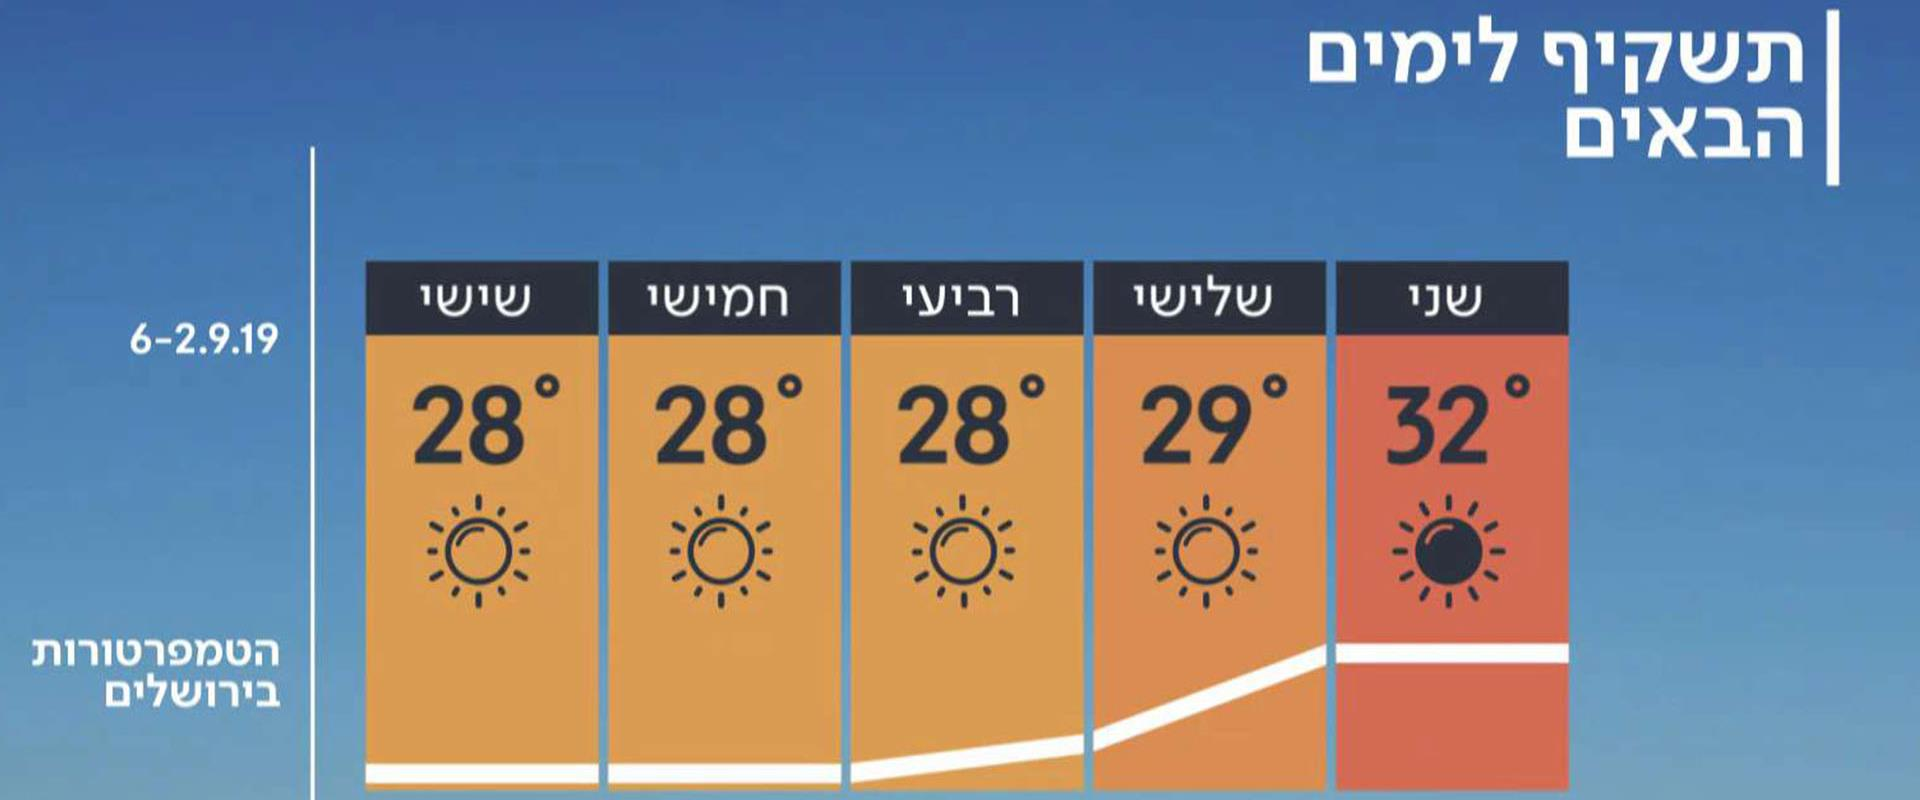 התחזית 01.09.19: ירידה בטמפרטורות